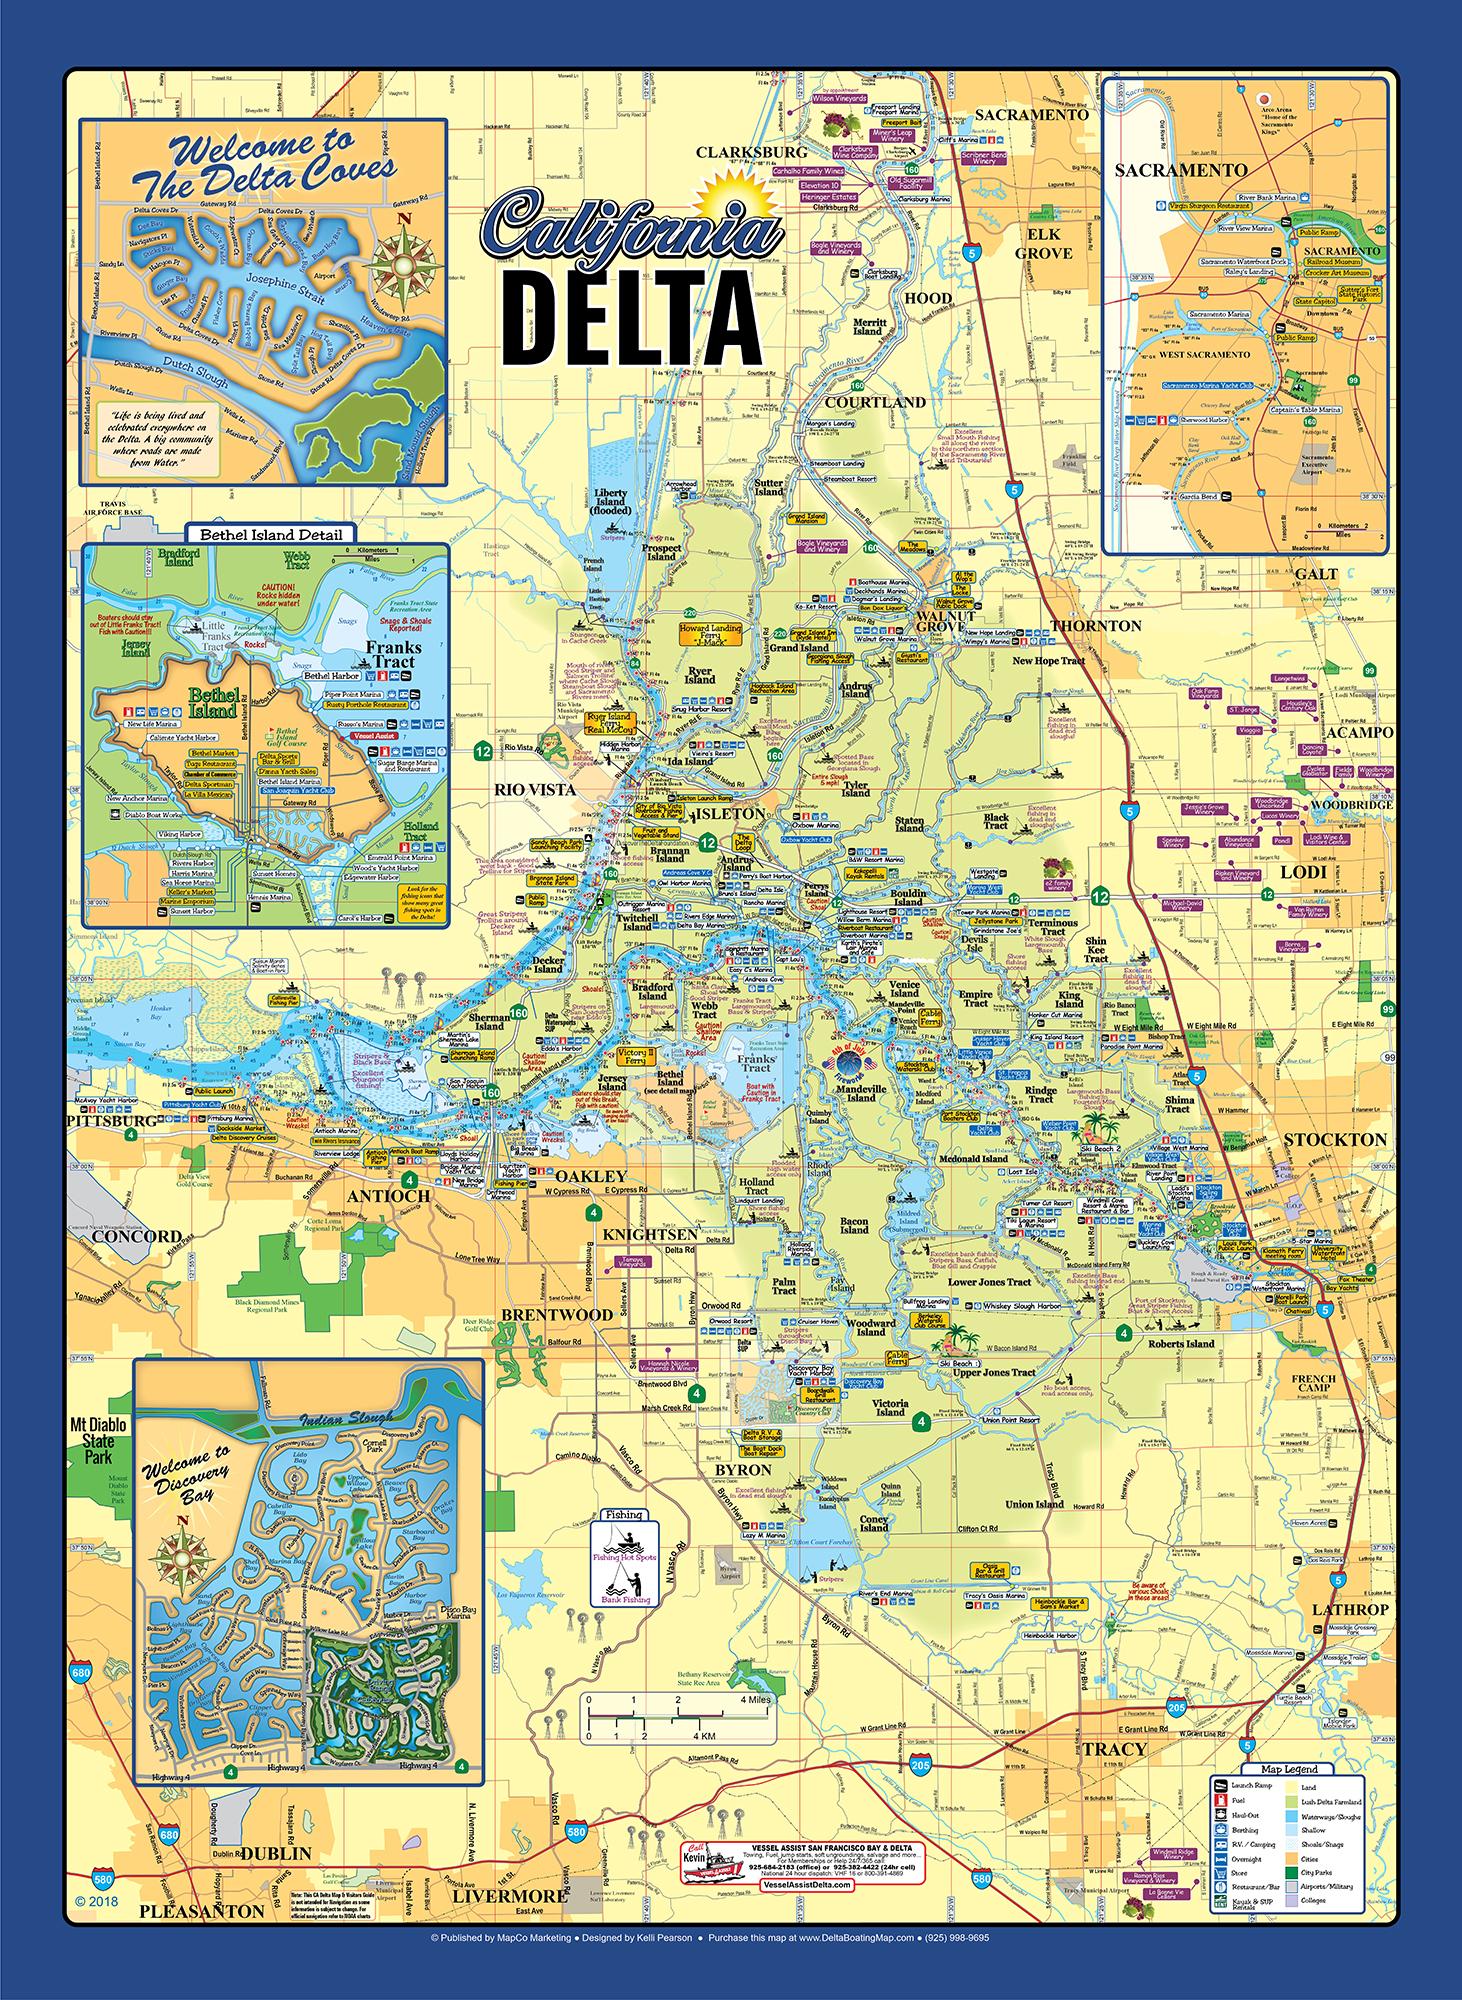 Custom_Delta_wall_map_giant-poster.jpg